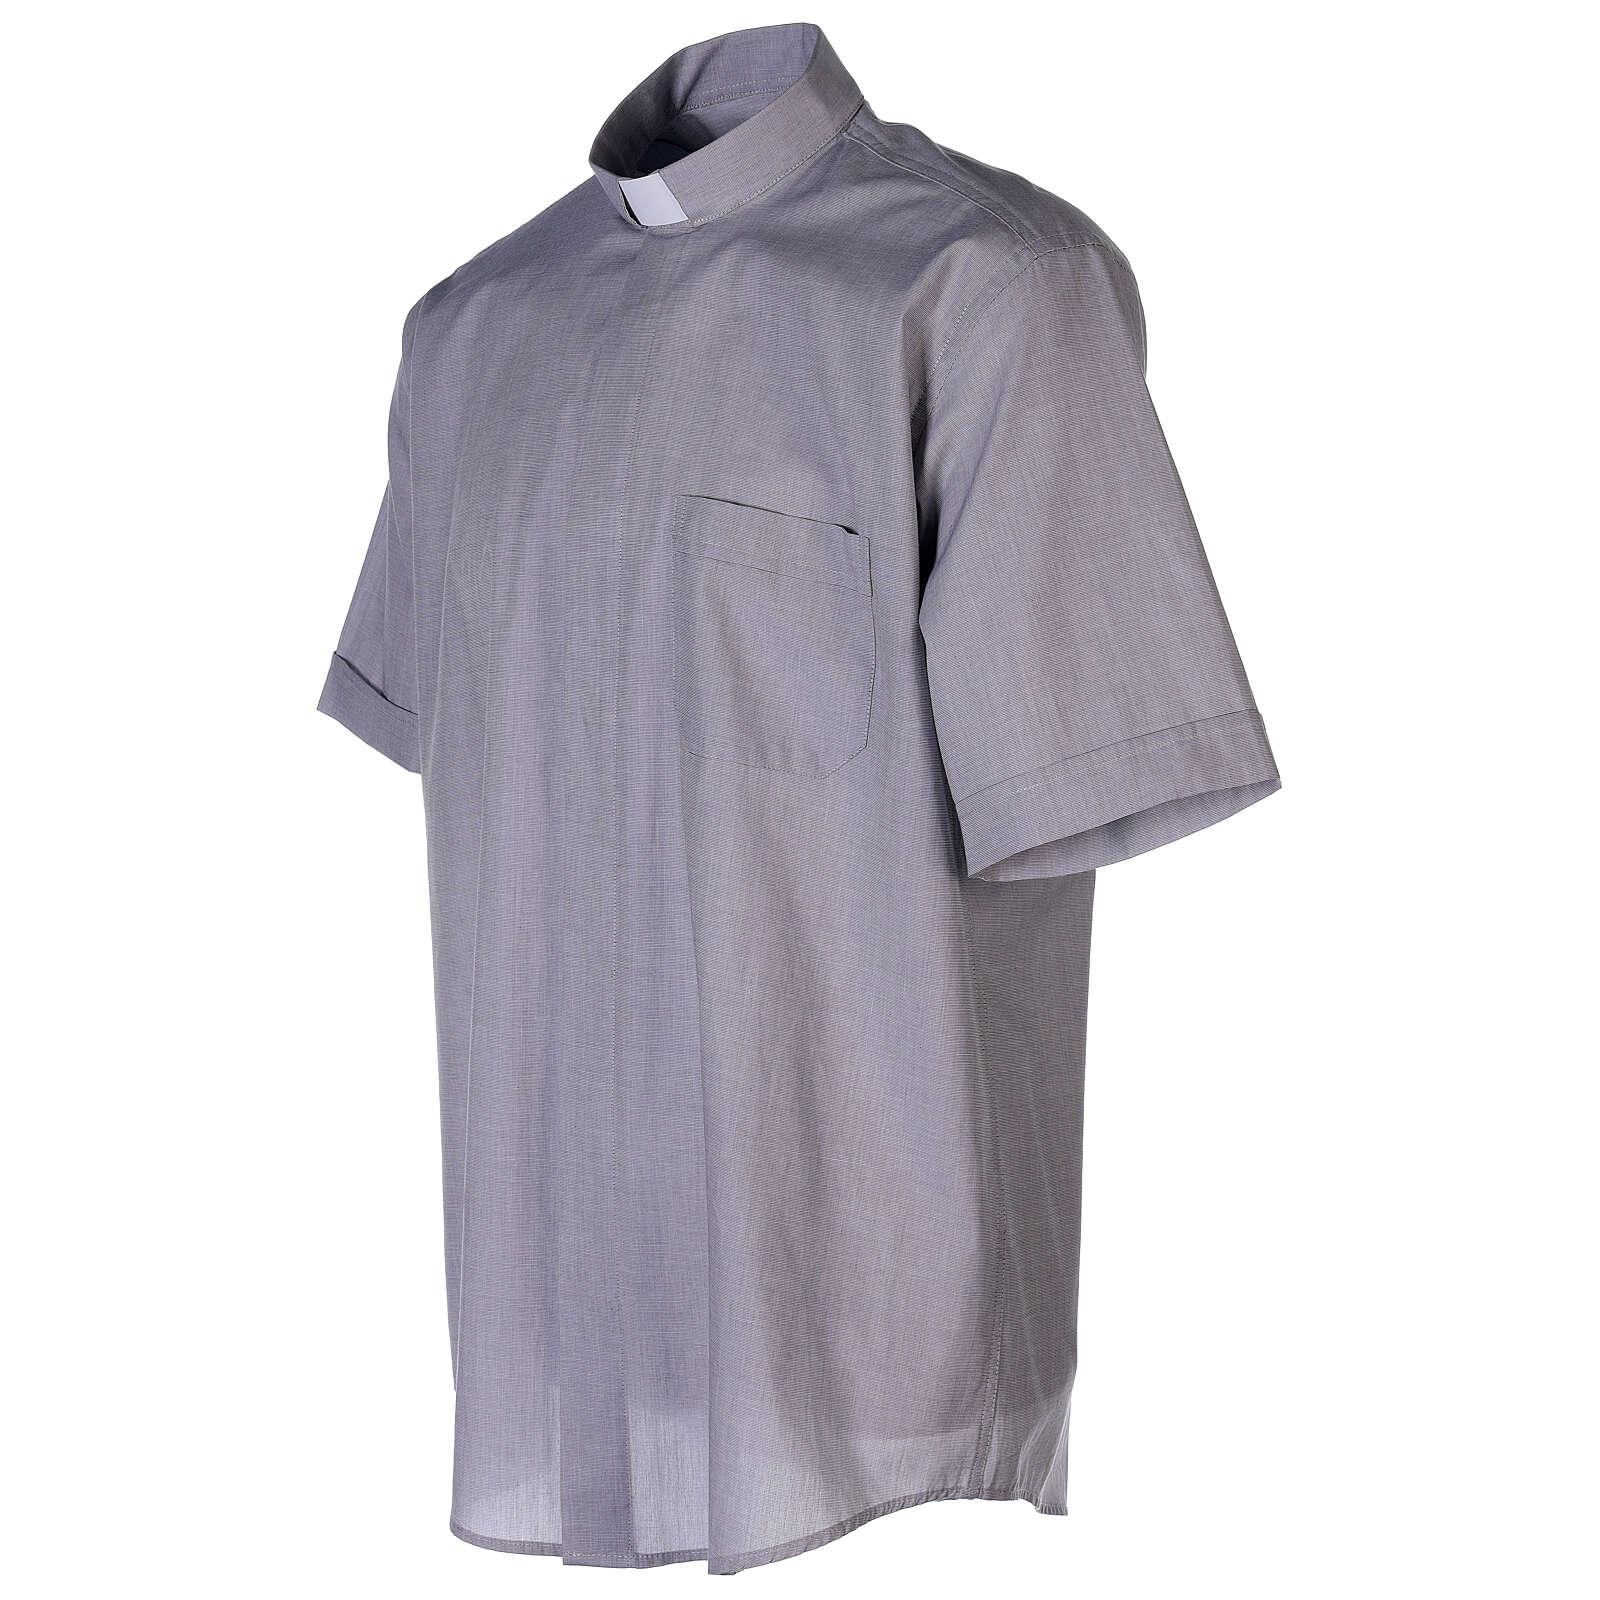 Chemise col clergy fil à fil gris clair manches courtes 4